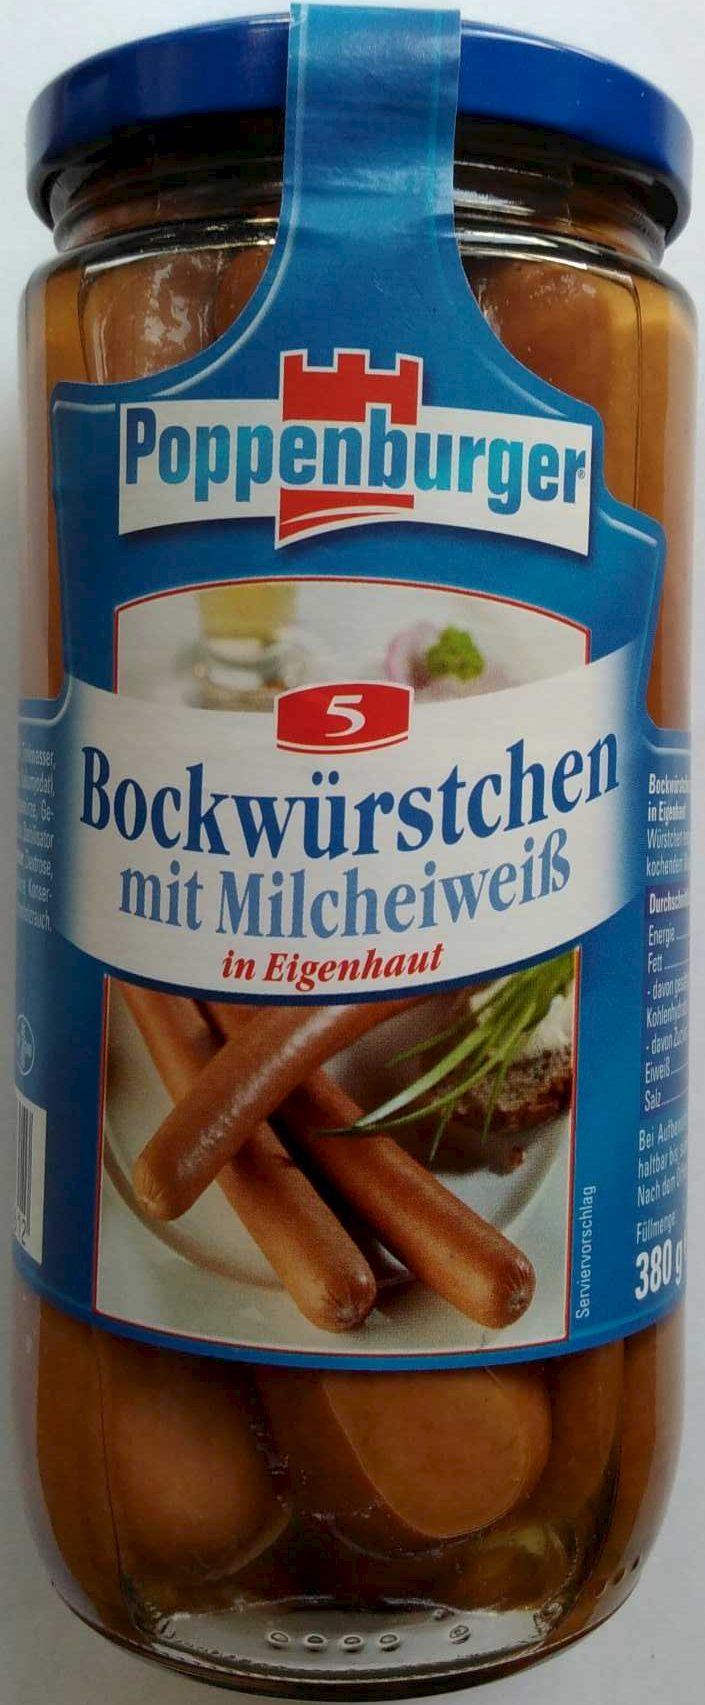 Bockwürstchen mit Milcheiweiß - Product